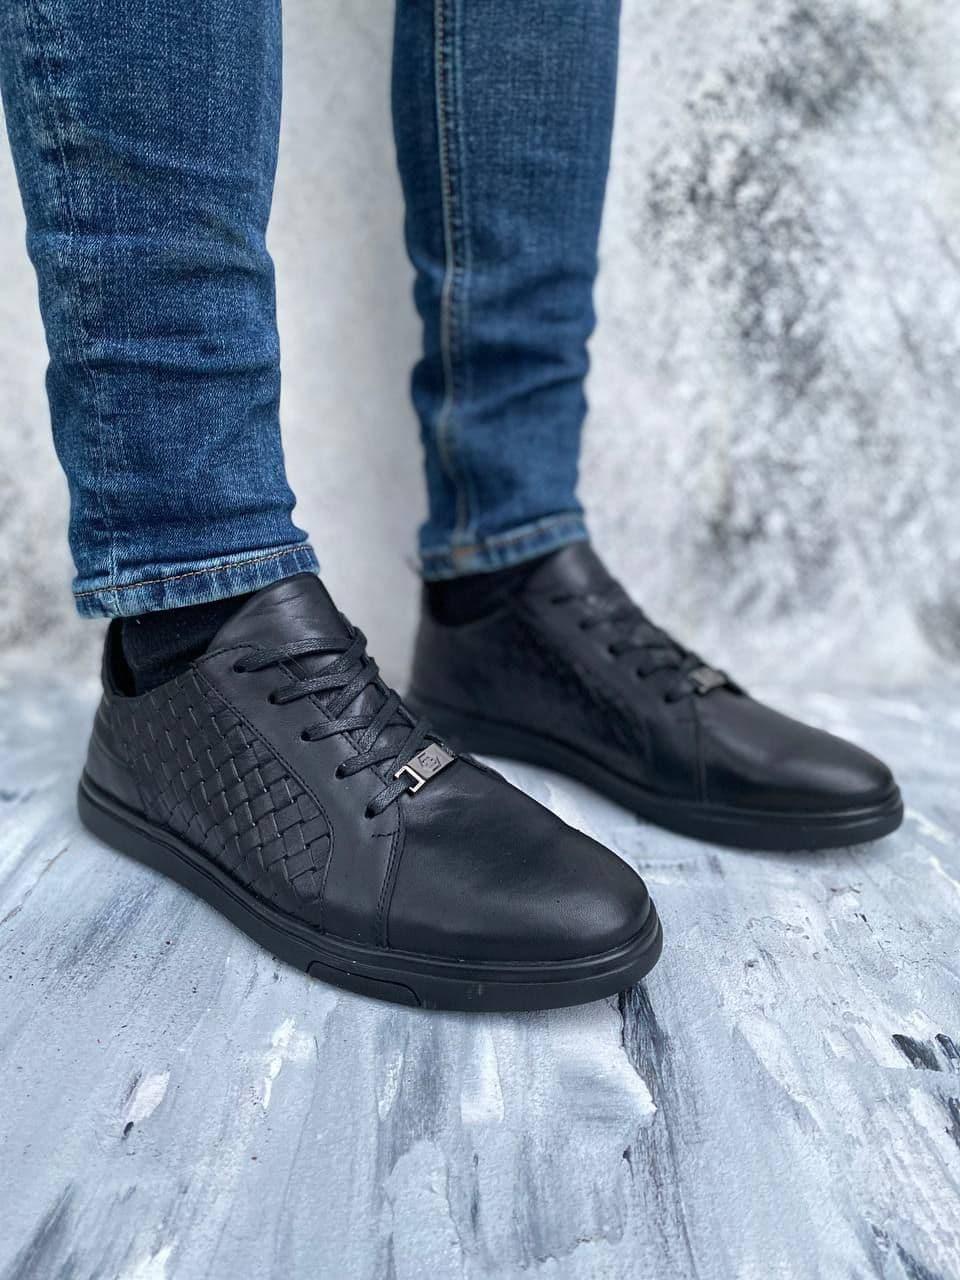 Стильні шкіряні чоловічі туфлі плетінка, колір чорний, розмір від 40 до 45